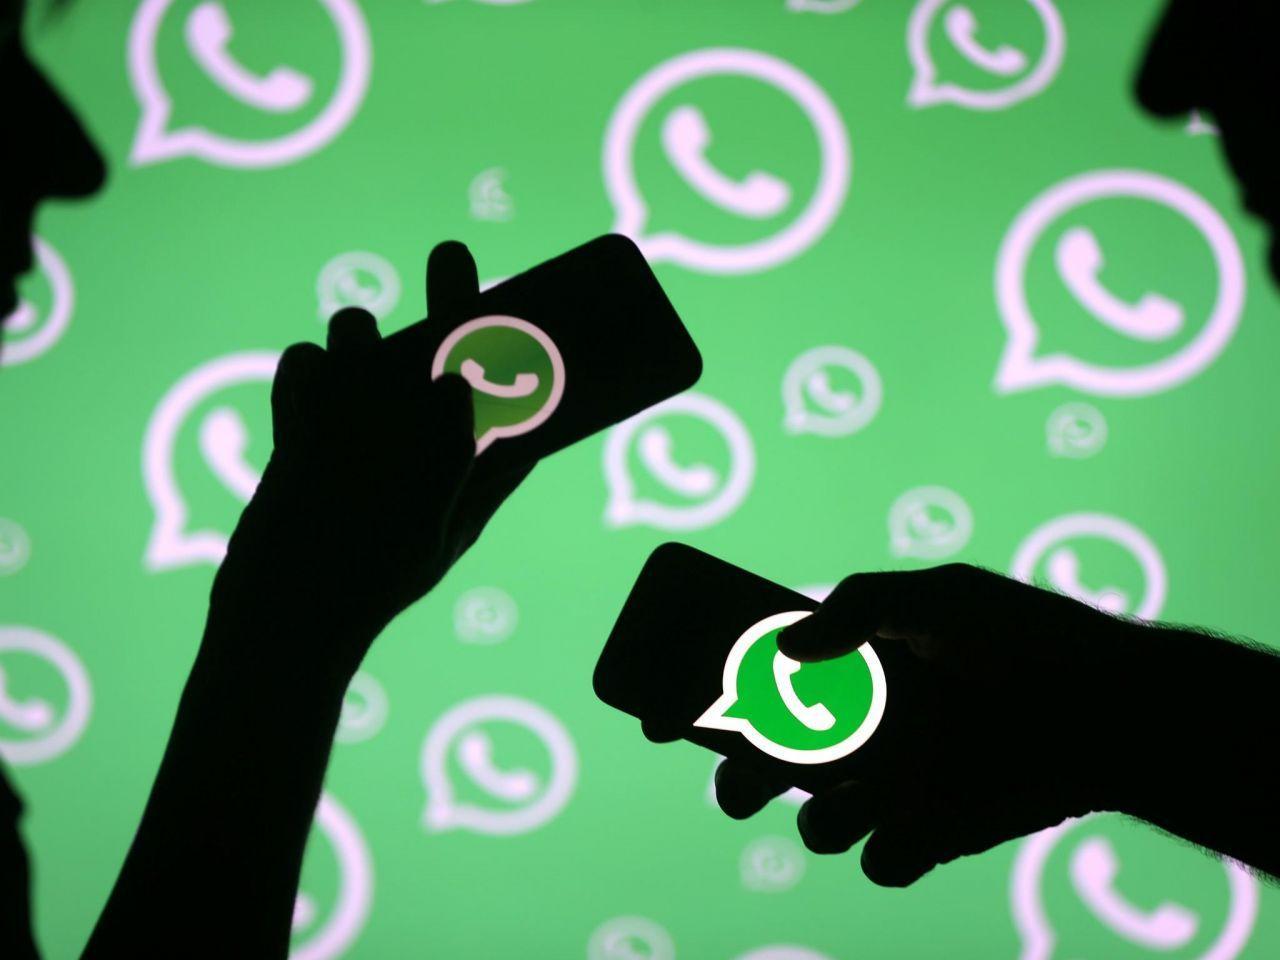 WhatsApp kullananlar dikkat! Milyonları ilgilendiriyor! - Sayfa 3